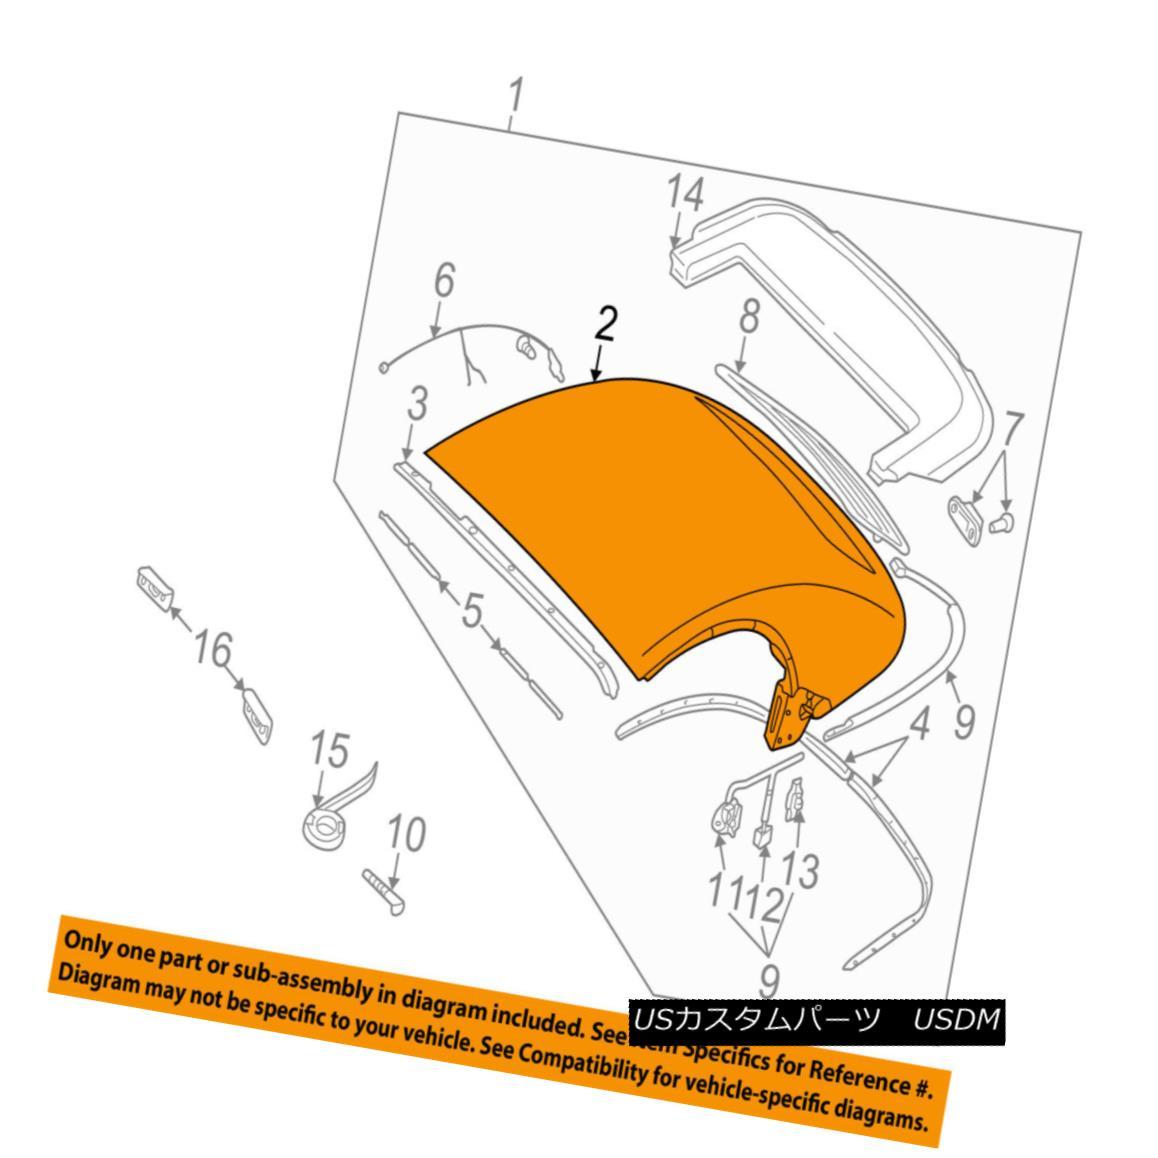 幌・ソフトトップ AUDI OEM 02-06 TT Quattro Convertible/soft Top-Top Cover 8N7871035E80 AUDI OEM 02-06 TT Quattro Convertible / so ftトップトップカバー8N7871035E80